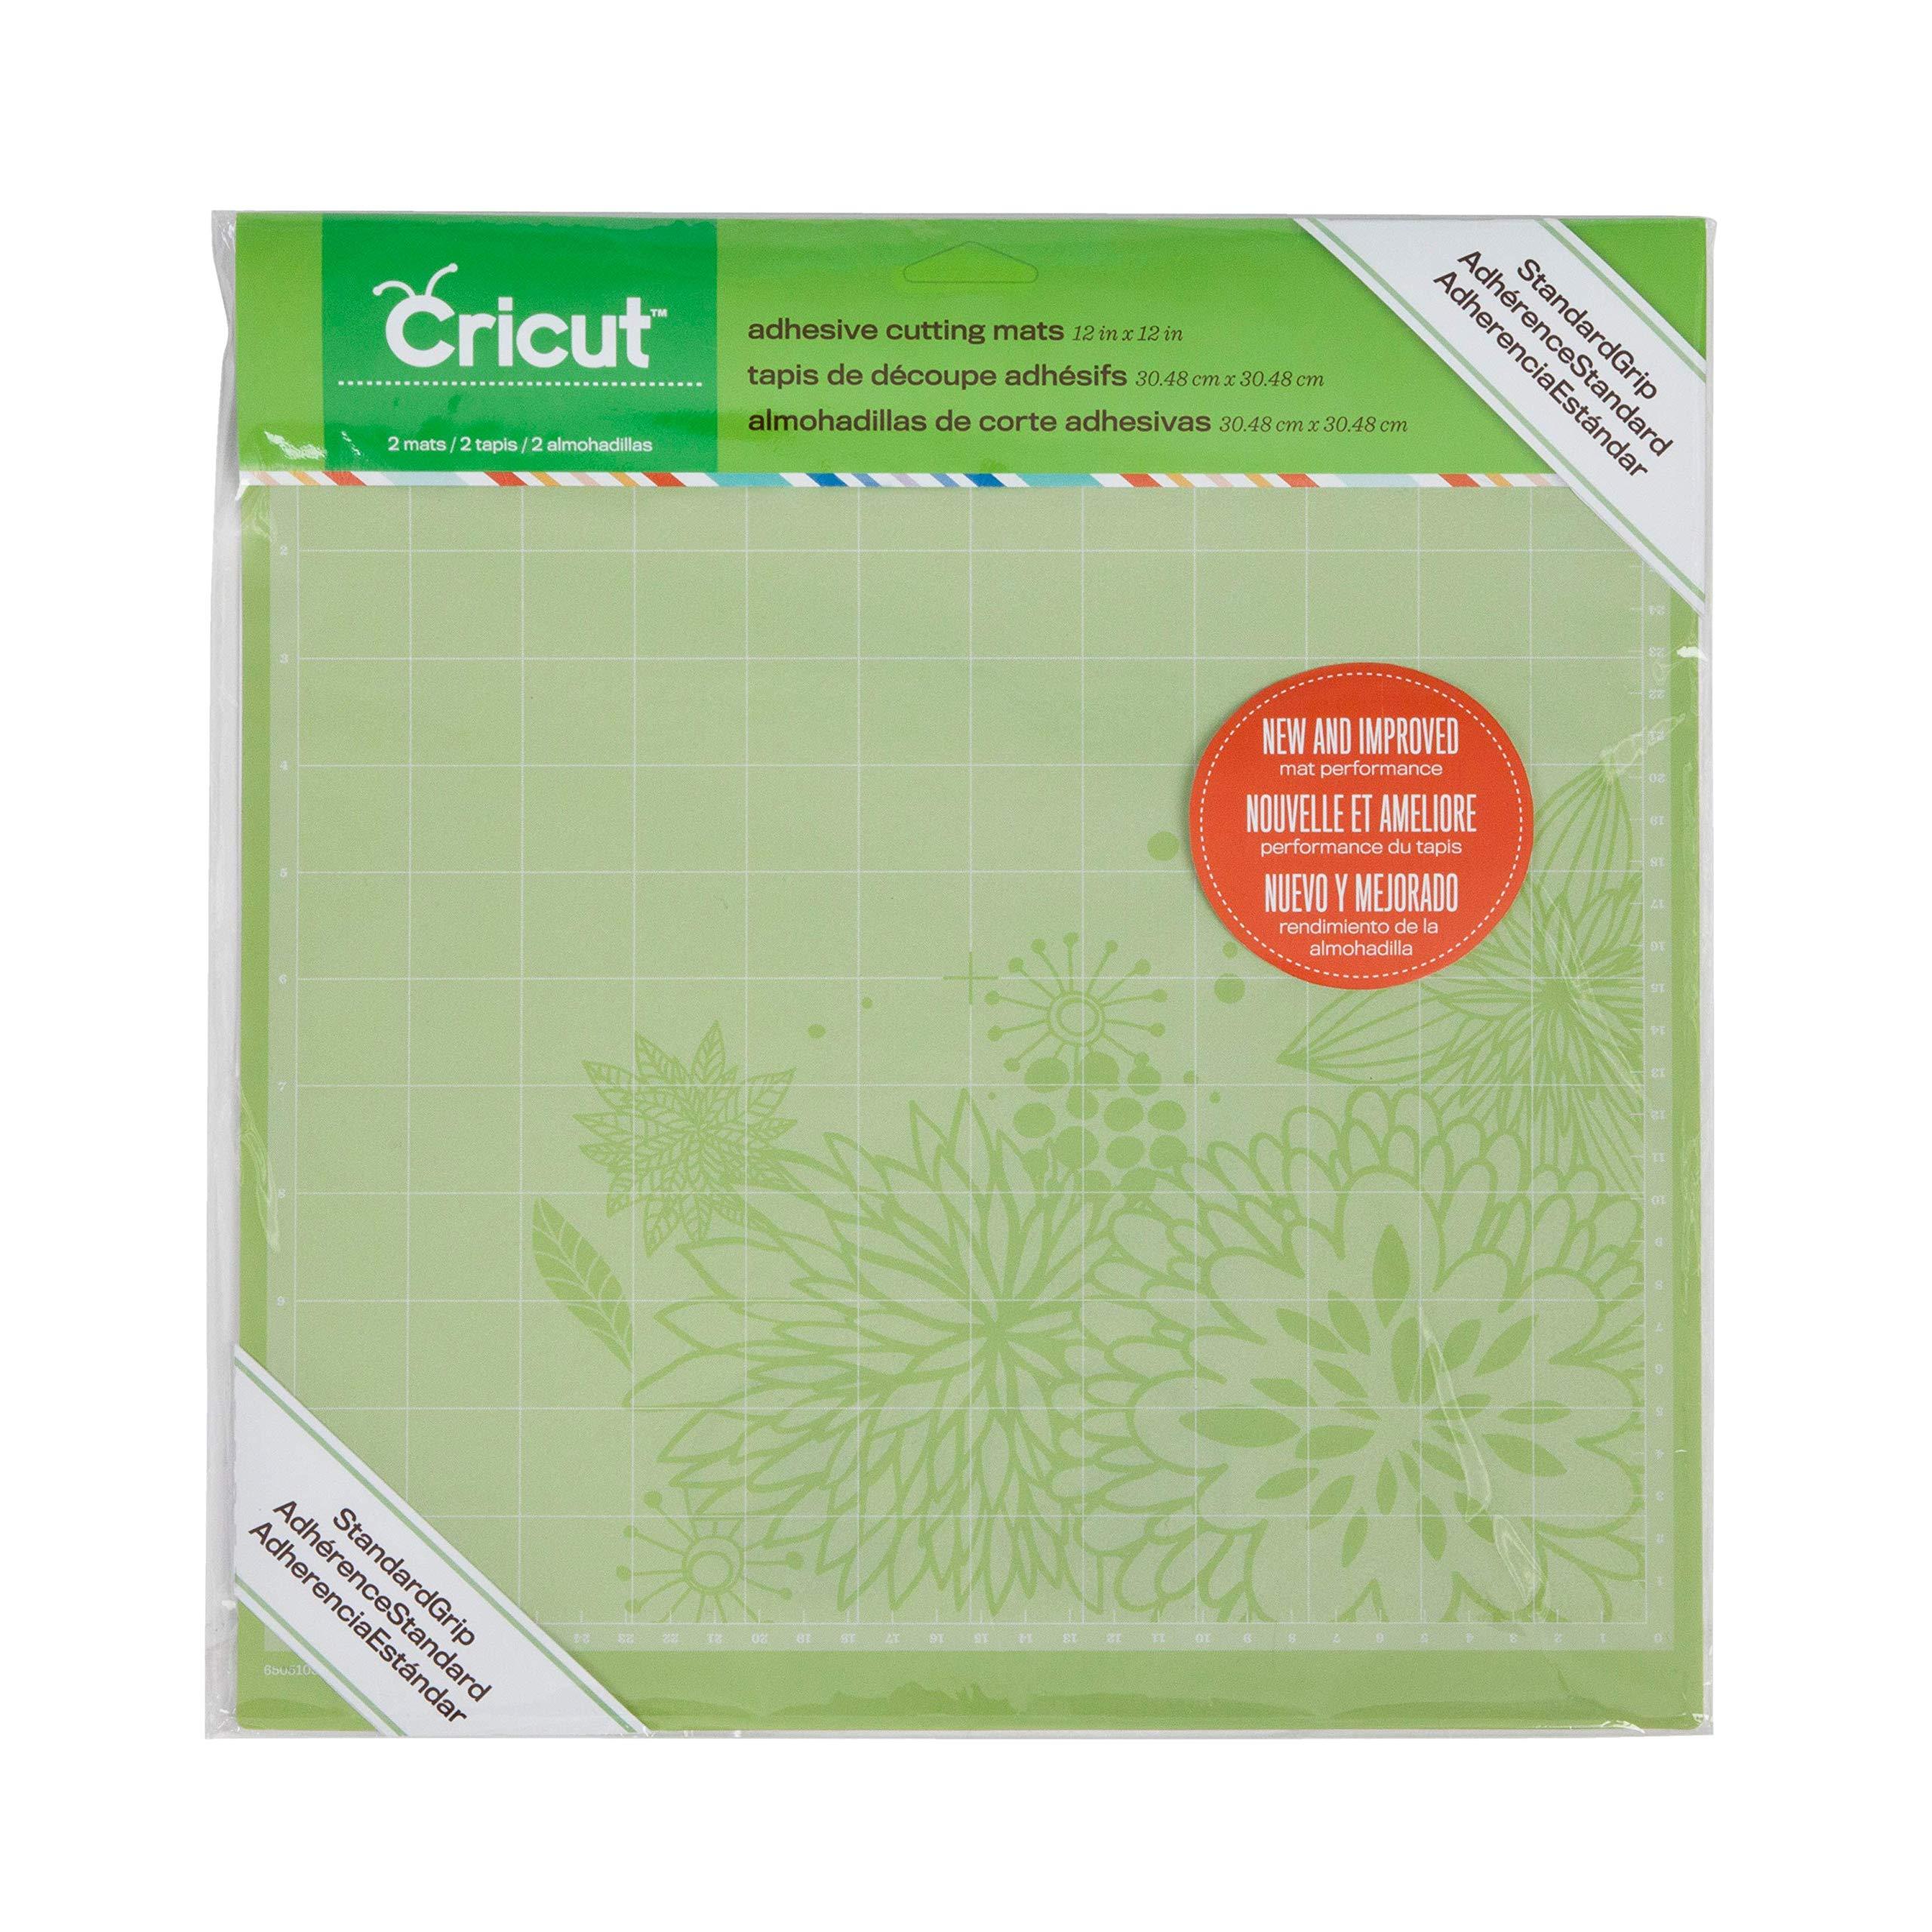 Cricut Standard Grip, 12''x12'', 2 Mats, Green by Cricut